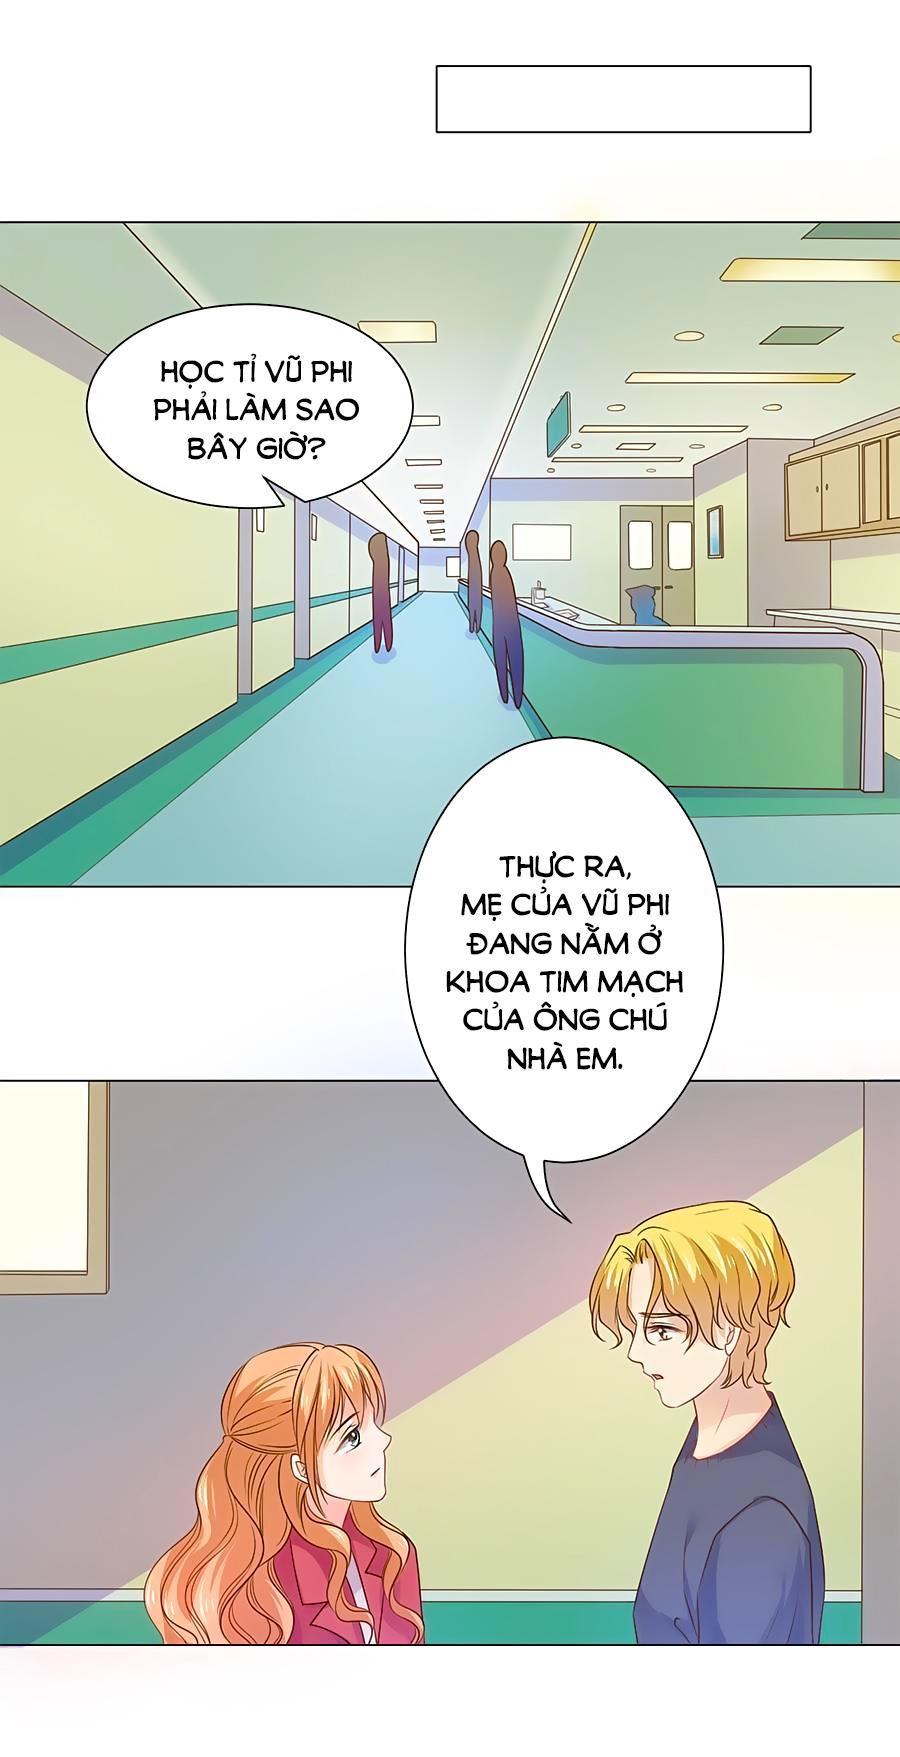 Bác Sĩ Sở Cũng Muốn Yêu Chap 89 - Trang 12